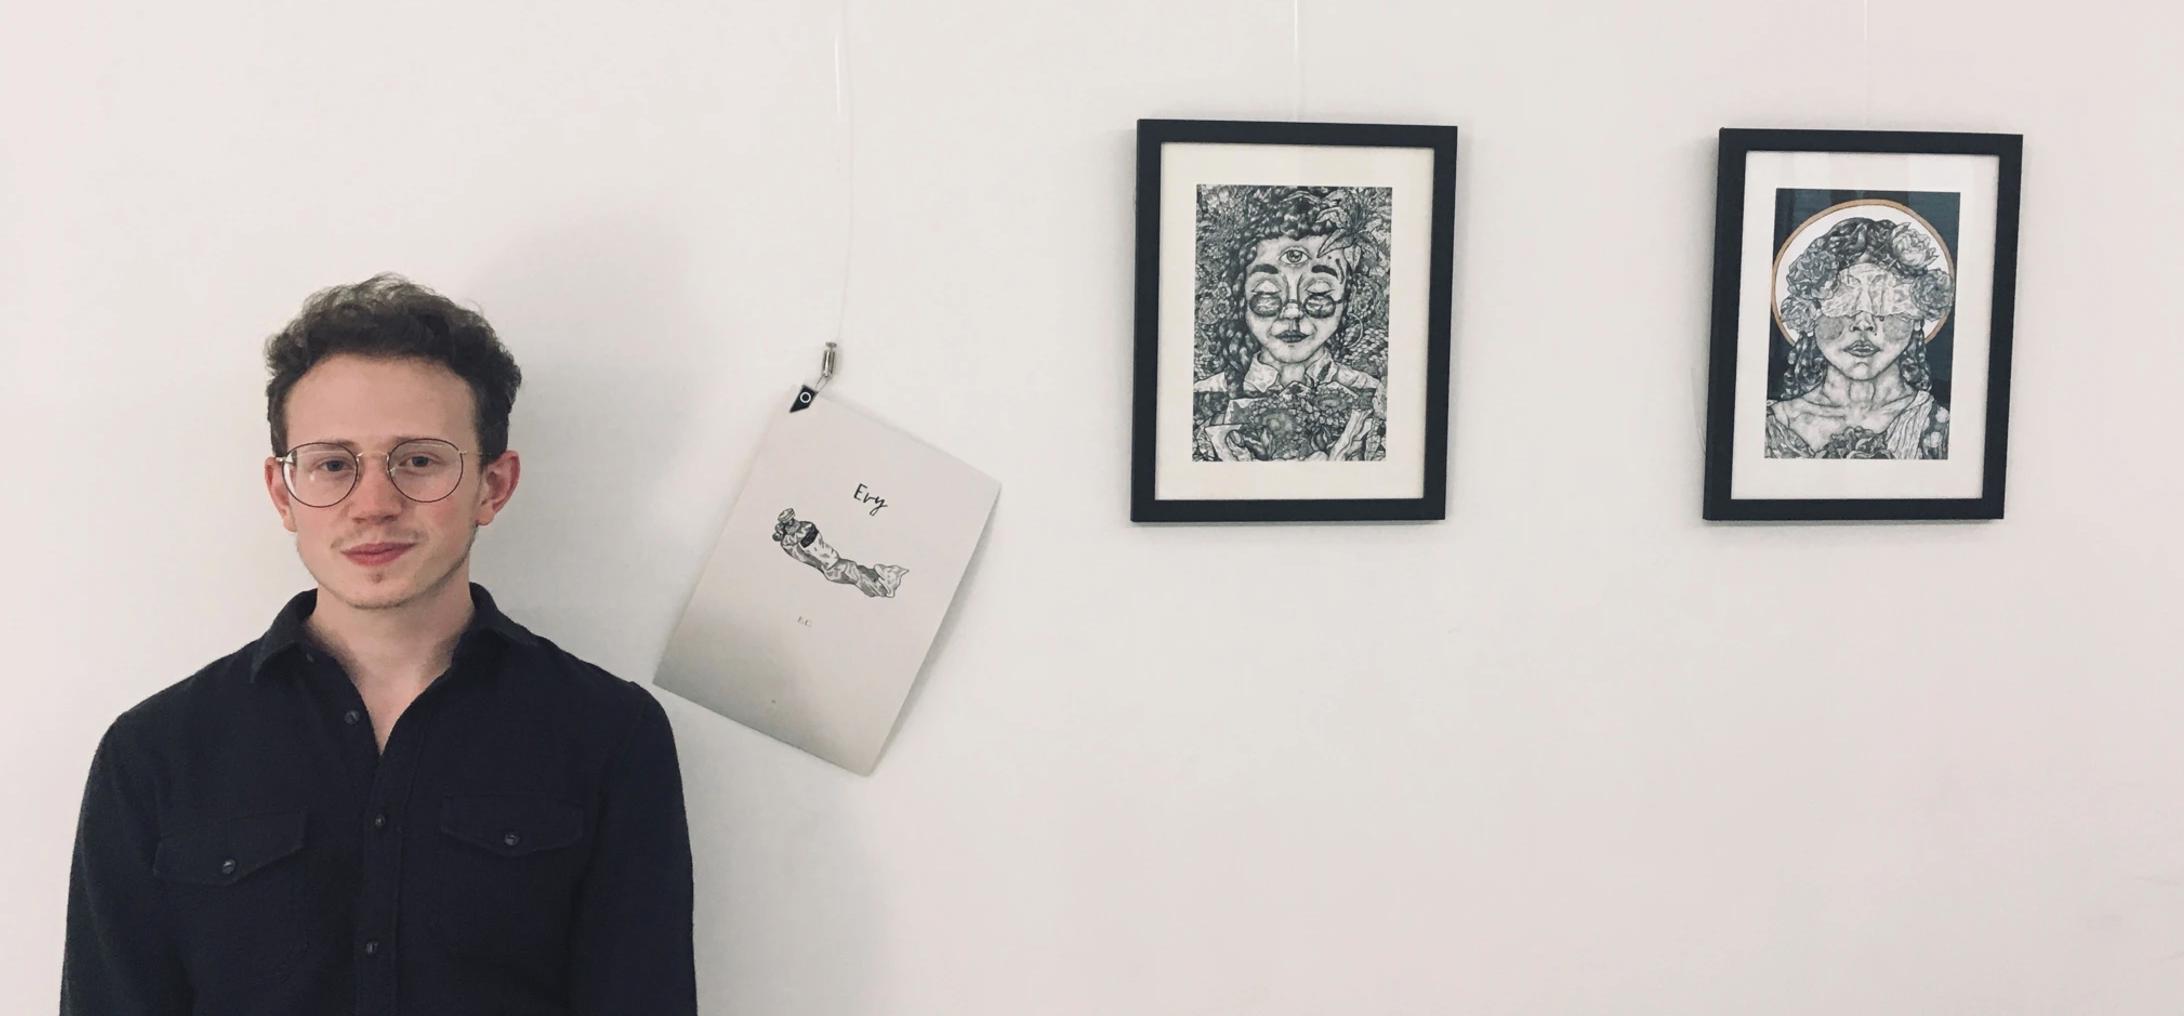 Dilbeekse student Alin Devriendt (25) maakt pesten bespreekbaar met beeldenboek